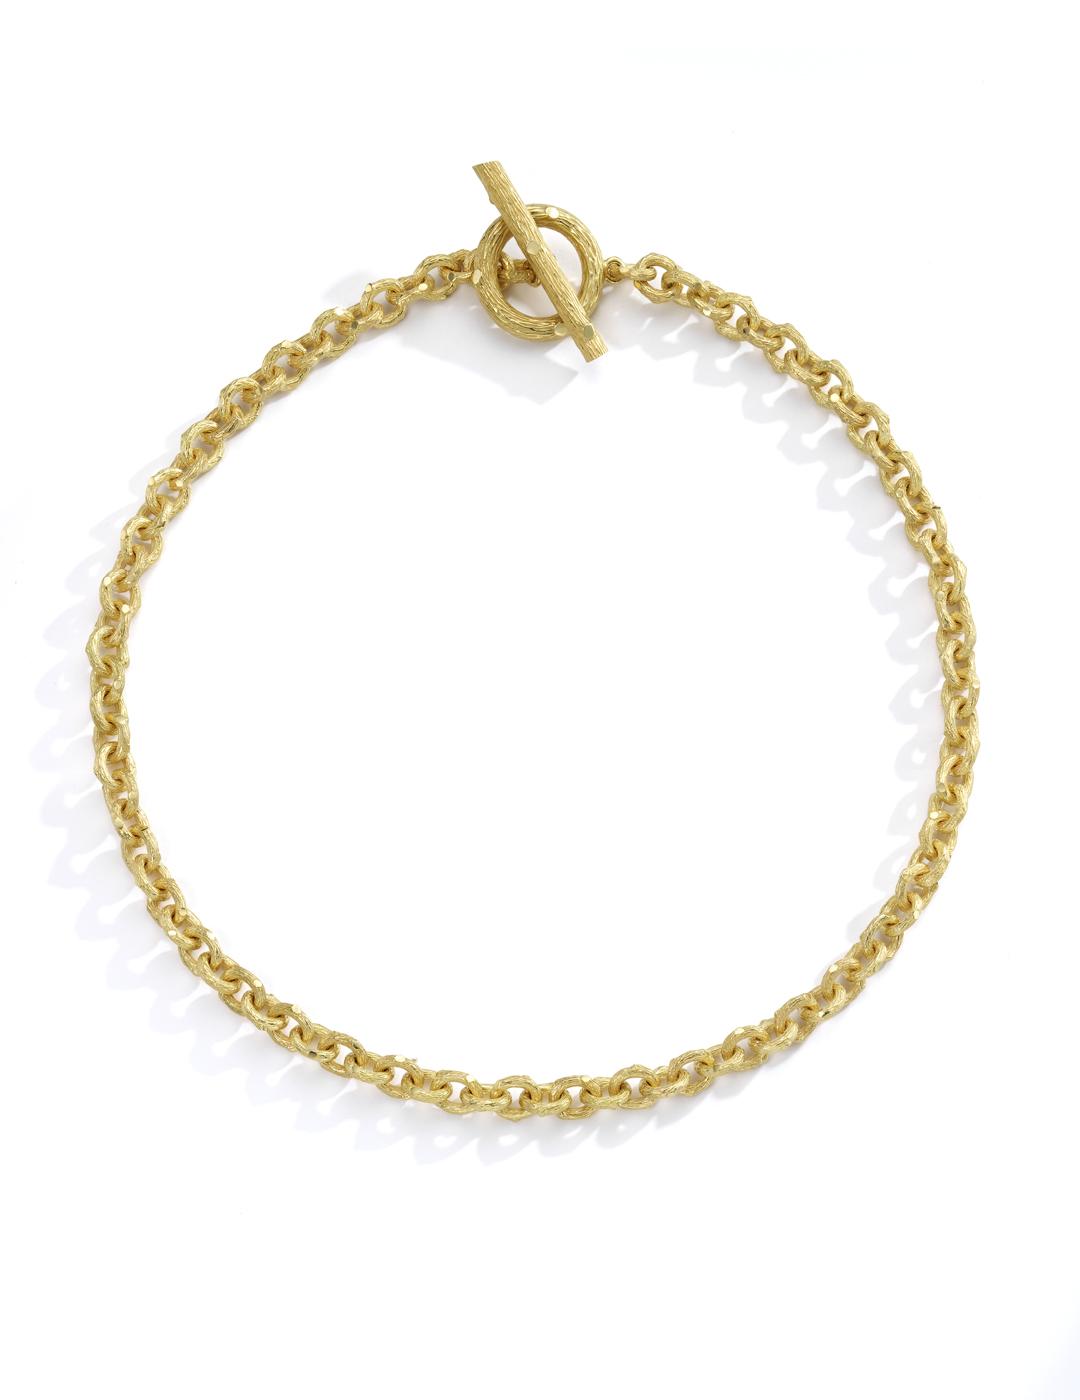 mish_necklacmish_necklaces_Twig-Link-NK-1es_Twig-Link-NK-1